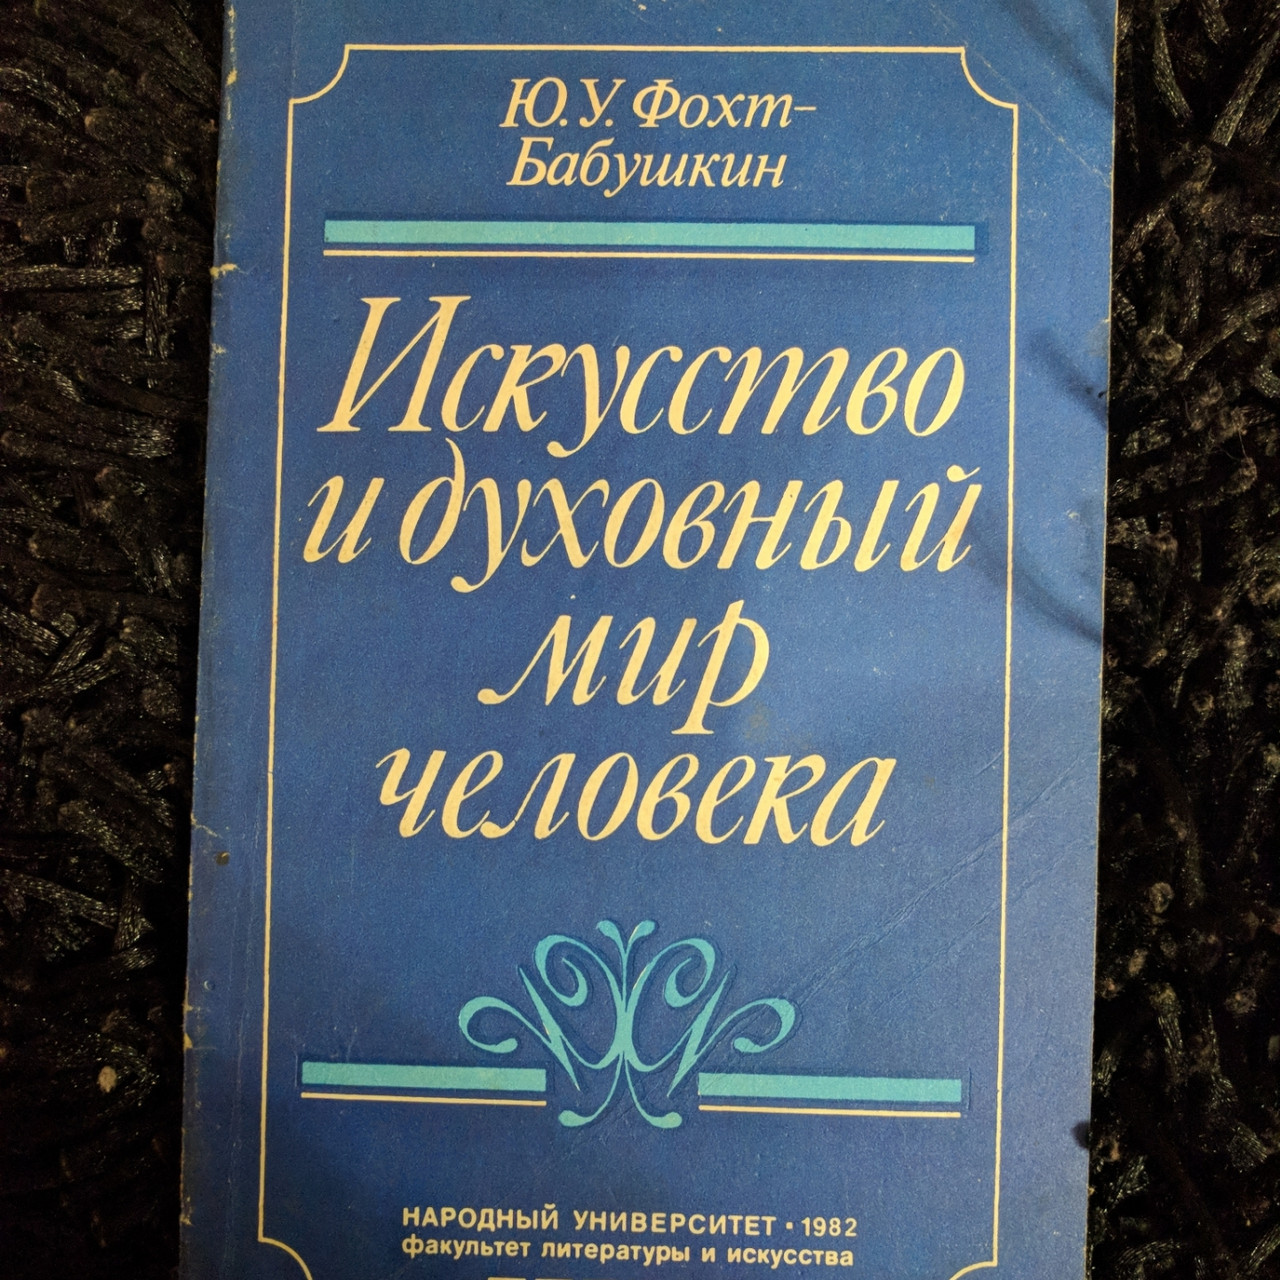 """""""Искусство и духовный мир человека"""" Ю. У. Фохт - Бабушкин"""